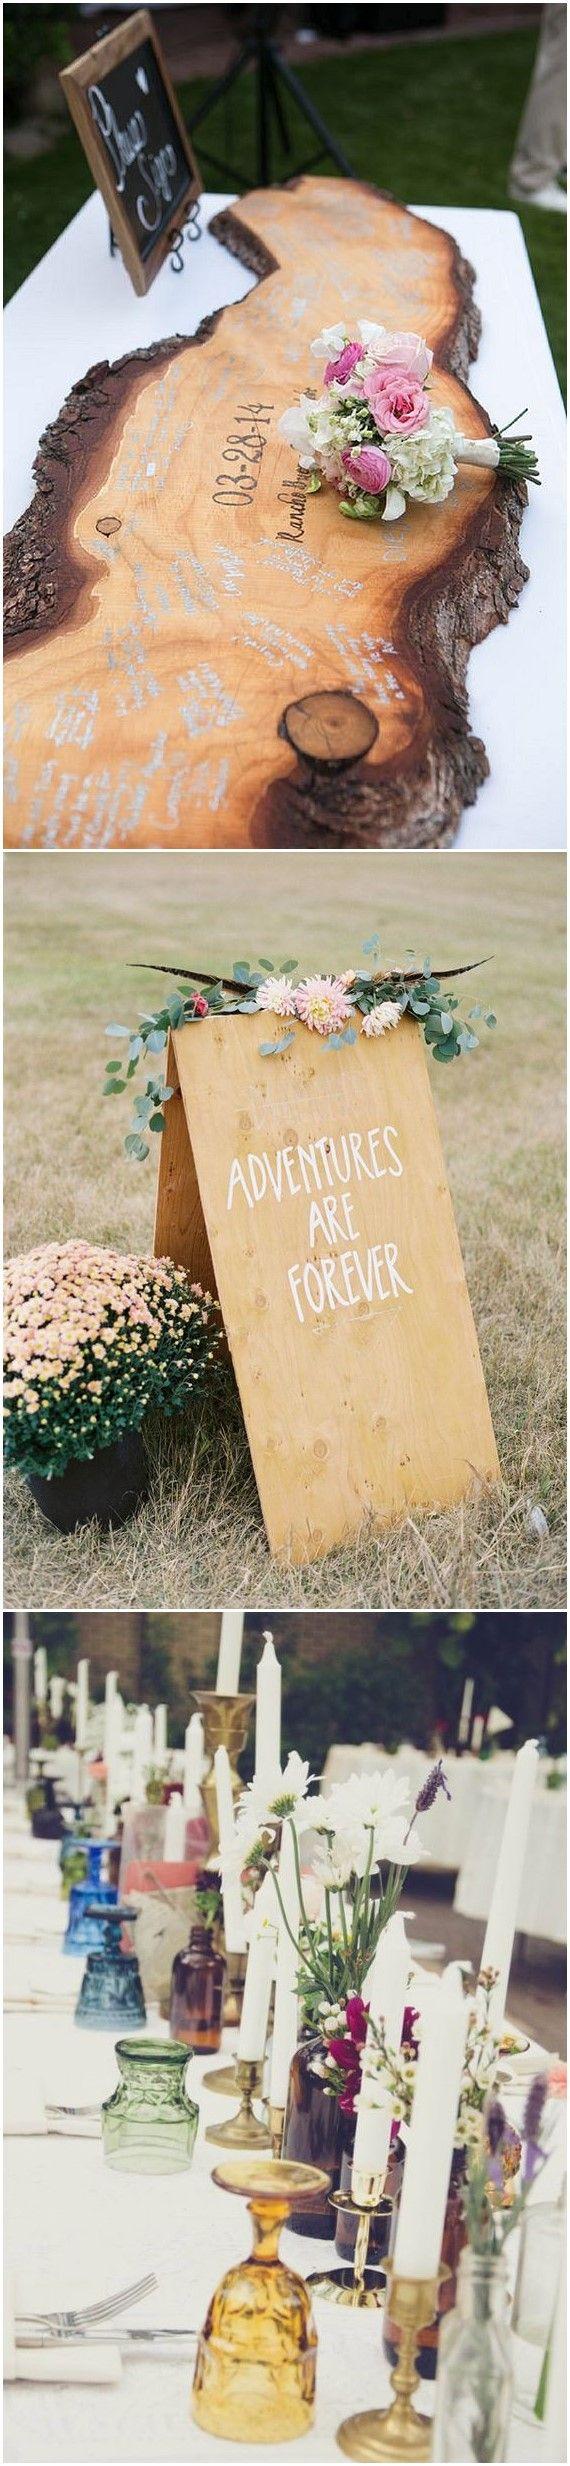 20 gorgeous boho wedding dcor ideas on pinterest wedding ideas wedding ideas 20 gorgeous boho wedding dcor ideas on pinterest see junglespirit Gallery